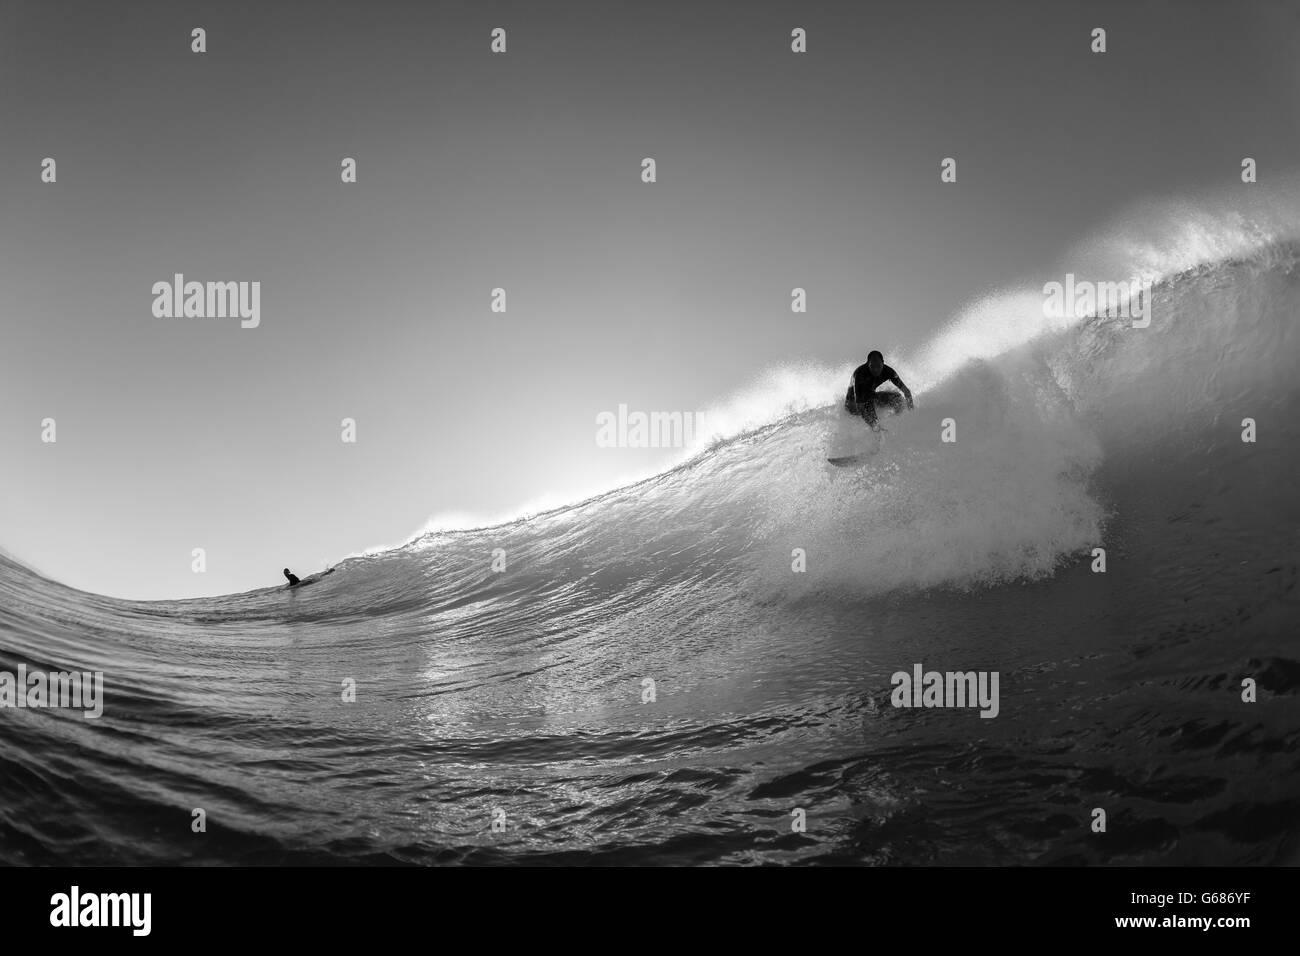 Surfer unidentified stagliano surf azione acqua closeup nuoto foto. Immagini Stock